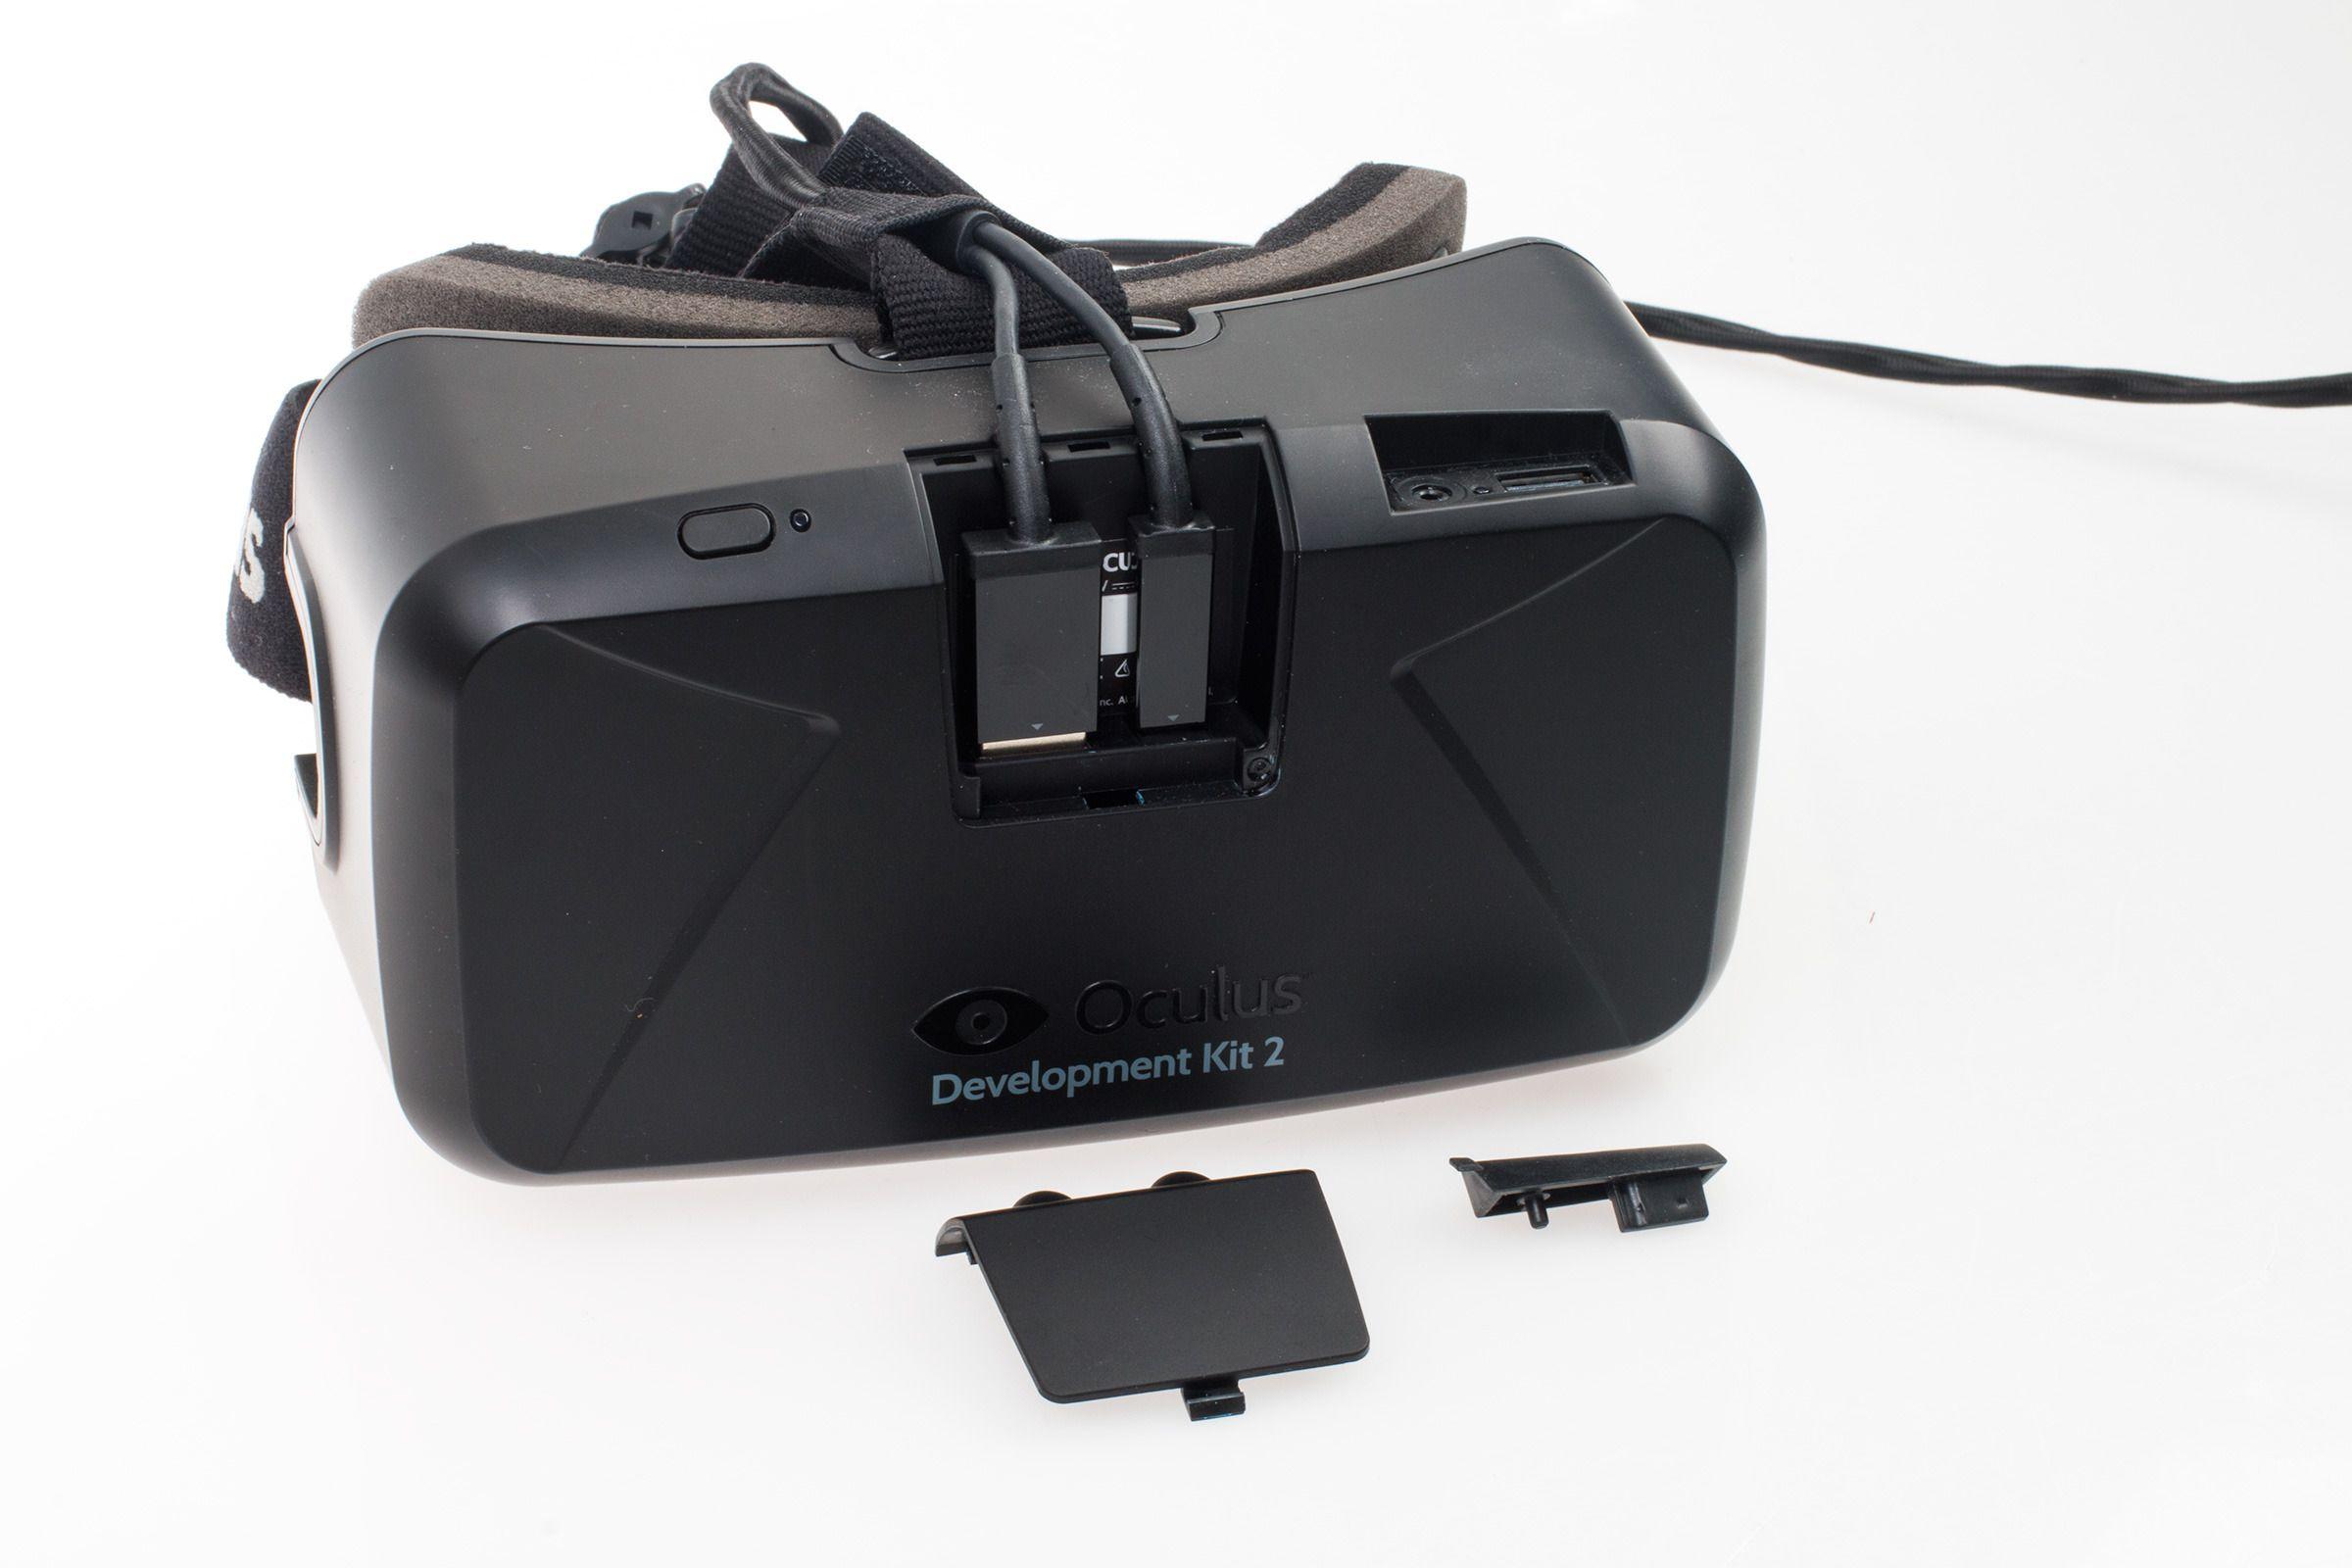 På forsiden av de nye brillene er det to små deksler som kan fjernes. Bak det største er det et par kabler som er helt nødvendige for at enheten skal fungere – nemlig USB og HDMI. Forrige versjon av Riften hadde én kabel som var permanent festet til brillene, men her kan du altså skifte dem ut om det skulle være nødvendig.Foto: Varg Aamo, Tek.no